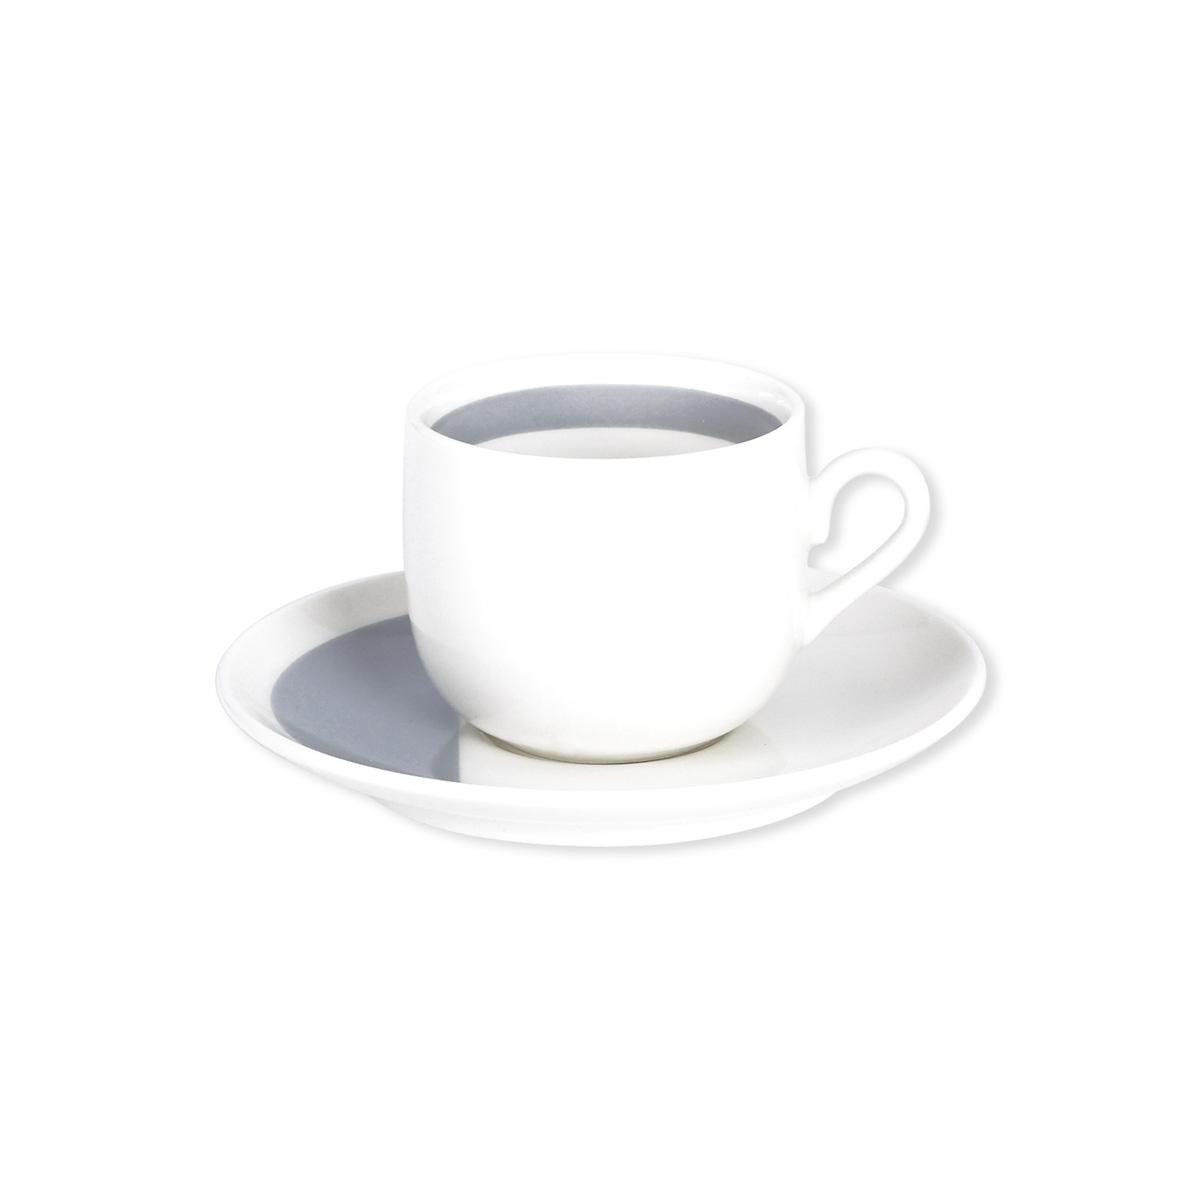 tasse caf design et soucoupe en porcelaine vaisselle tendance. Black Bedroom Furniture Sets. Home Design Ideas